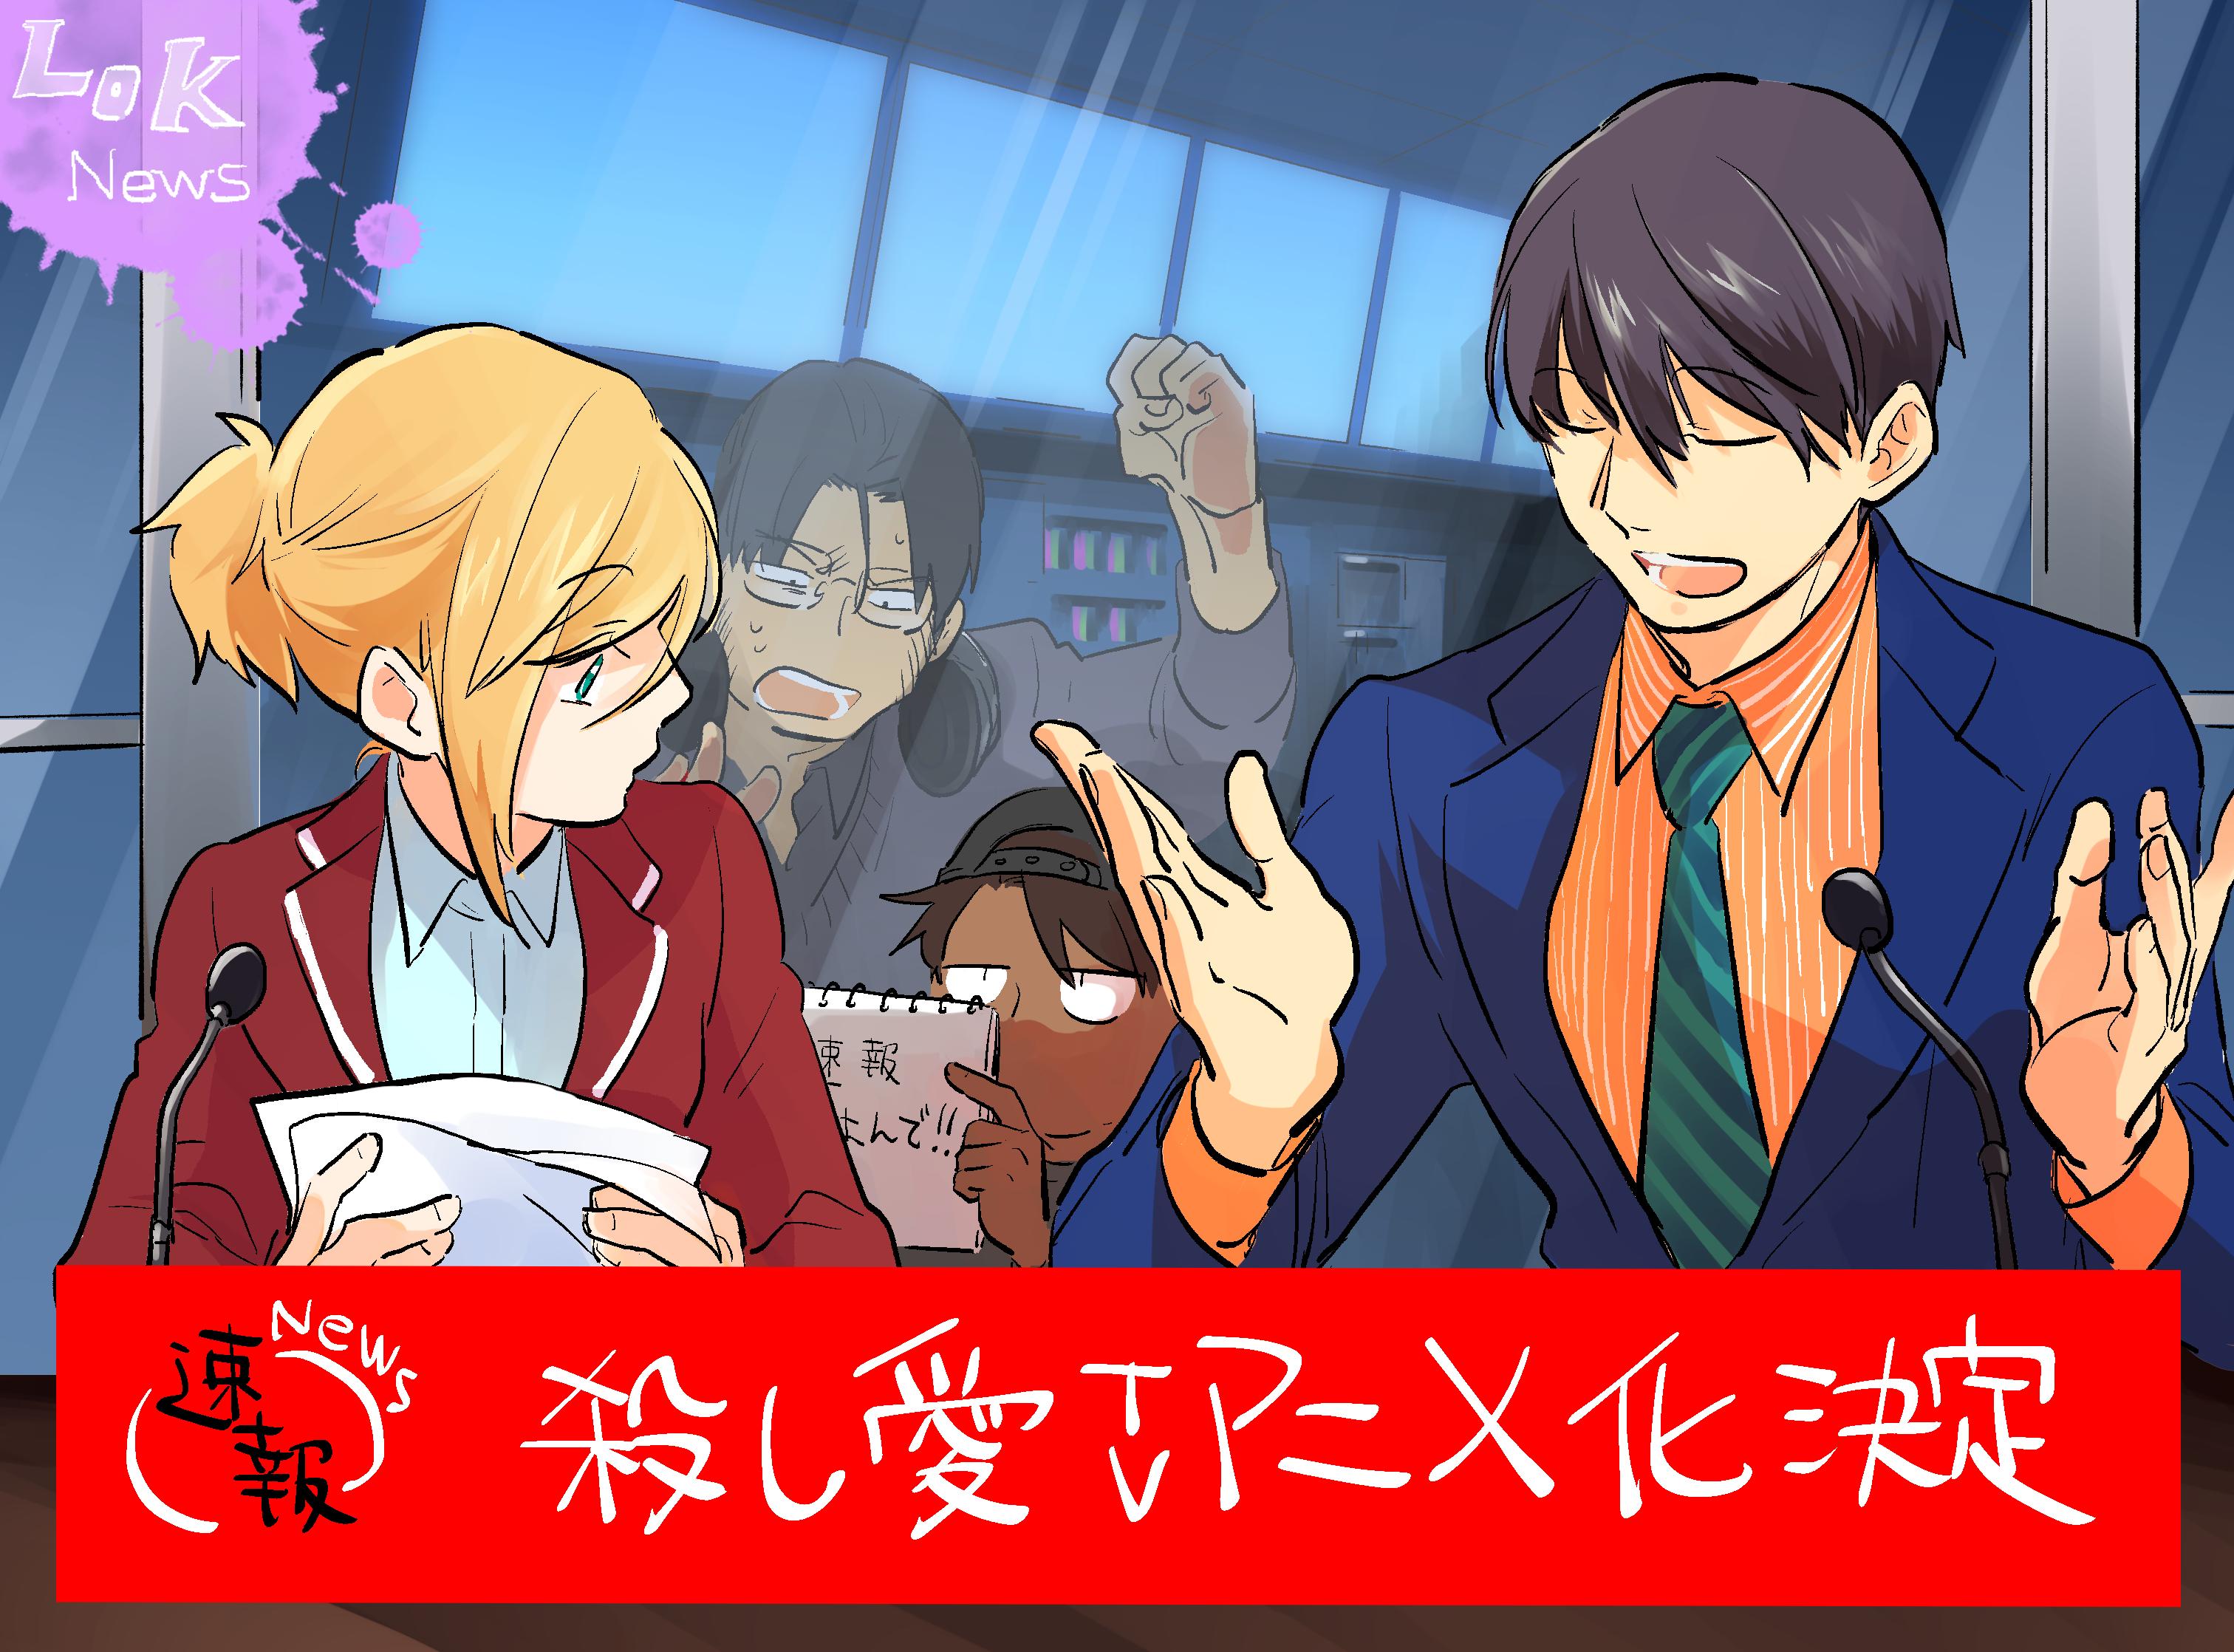 殺し屋同士の愛と狂気のサスペンス漫画 「殺し愛」TVアニメ化決定!